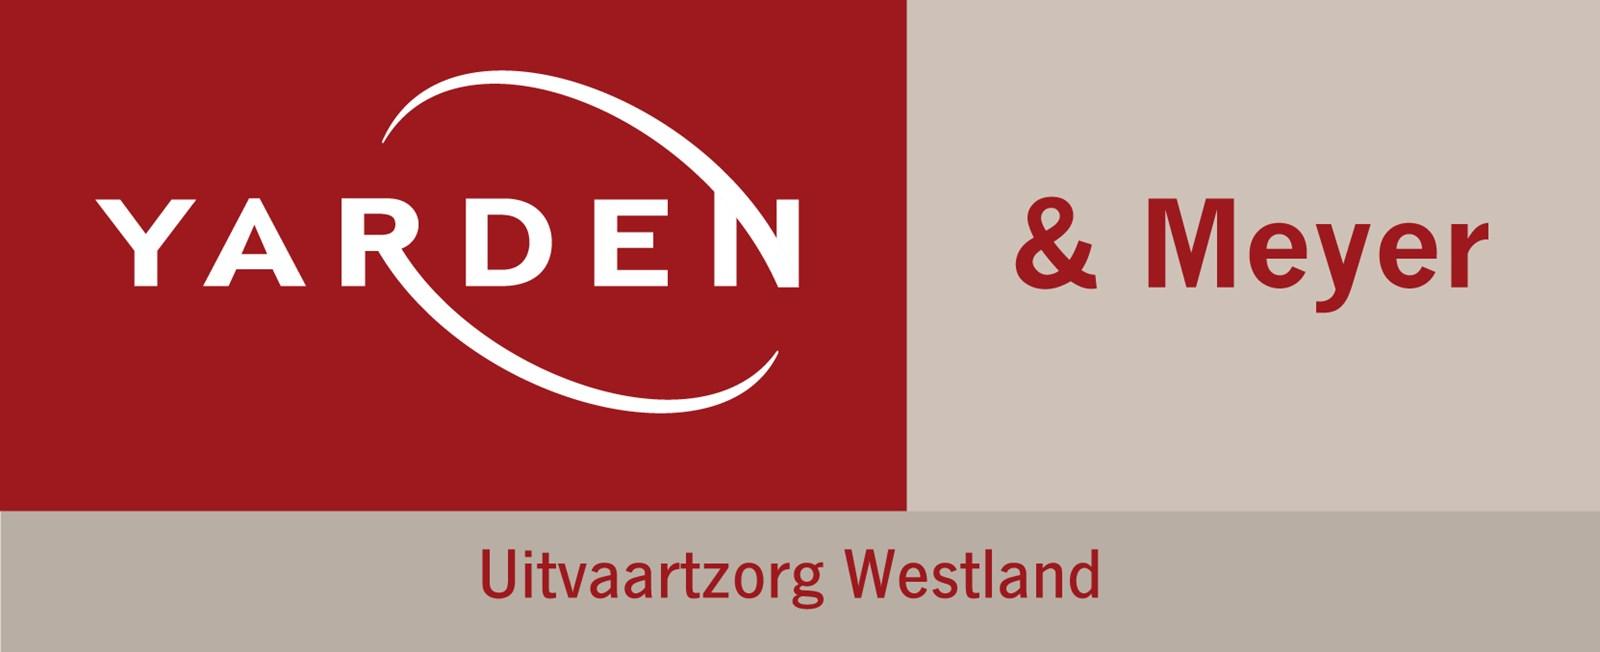 Afbeelding van Yarden & Meyer Uitvaartzorg Westland